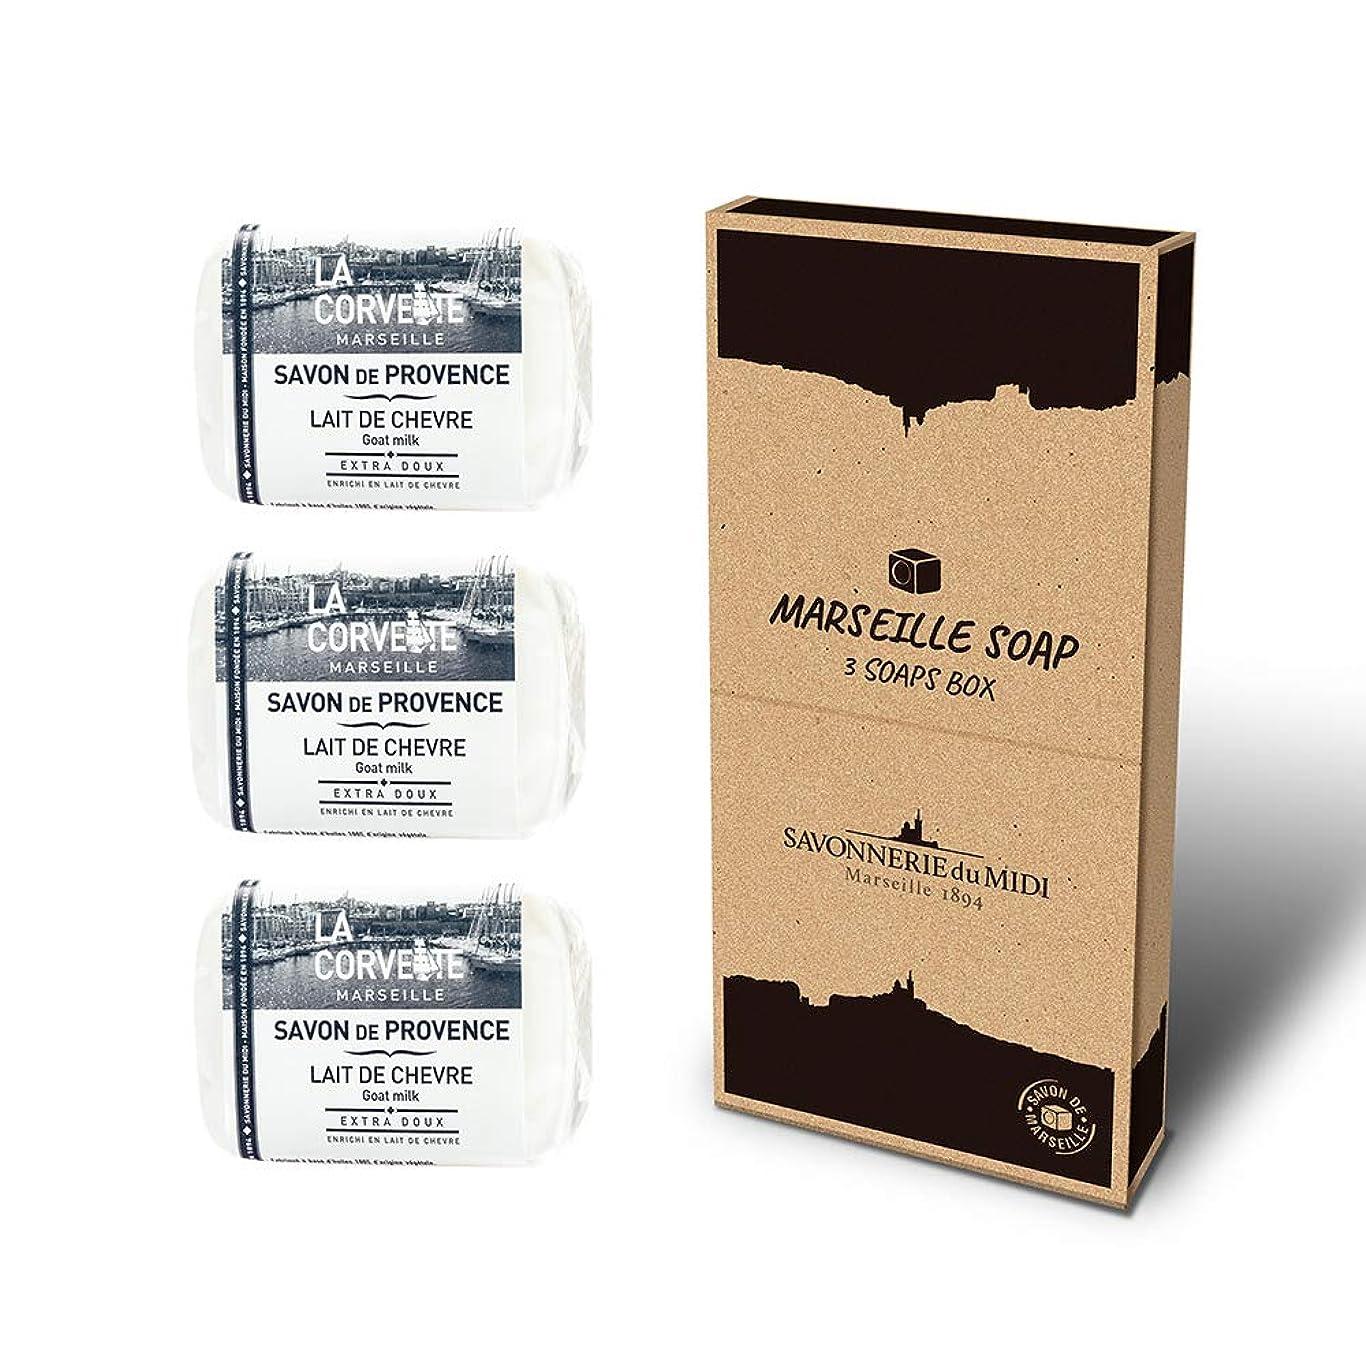 取り囲む東部オーディションマルセイユソープ 3Soaps BOX ゴートミルク